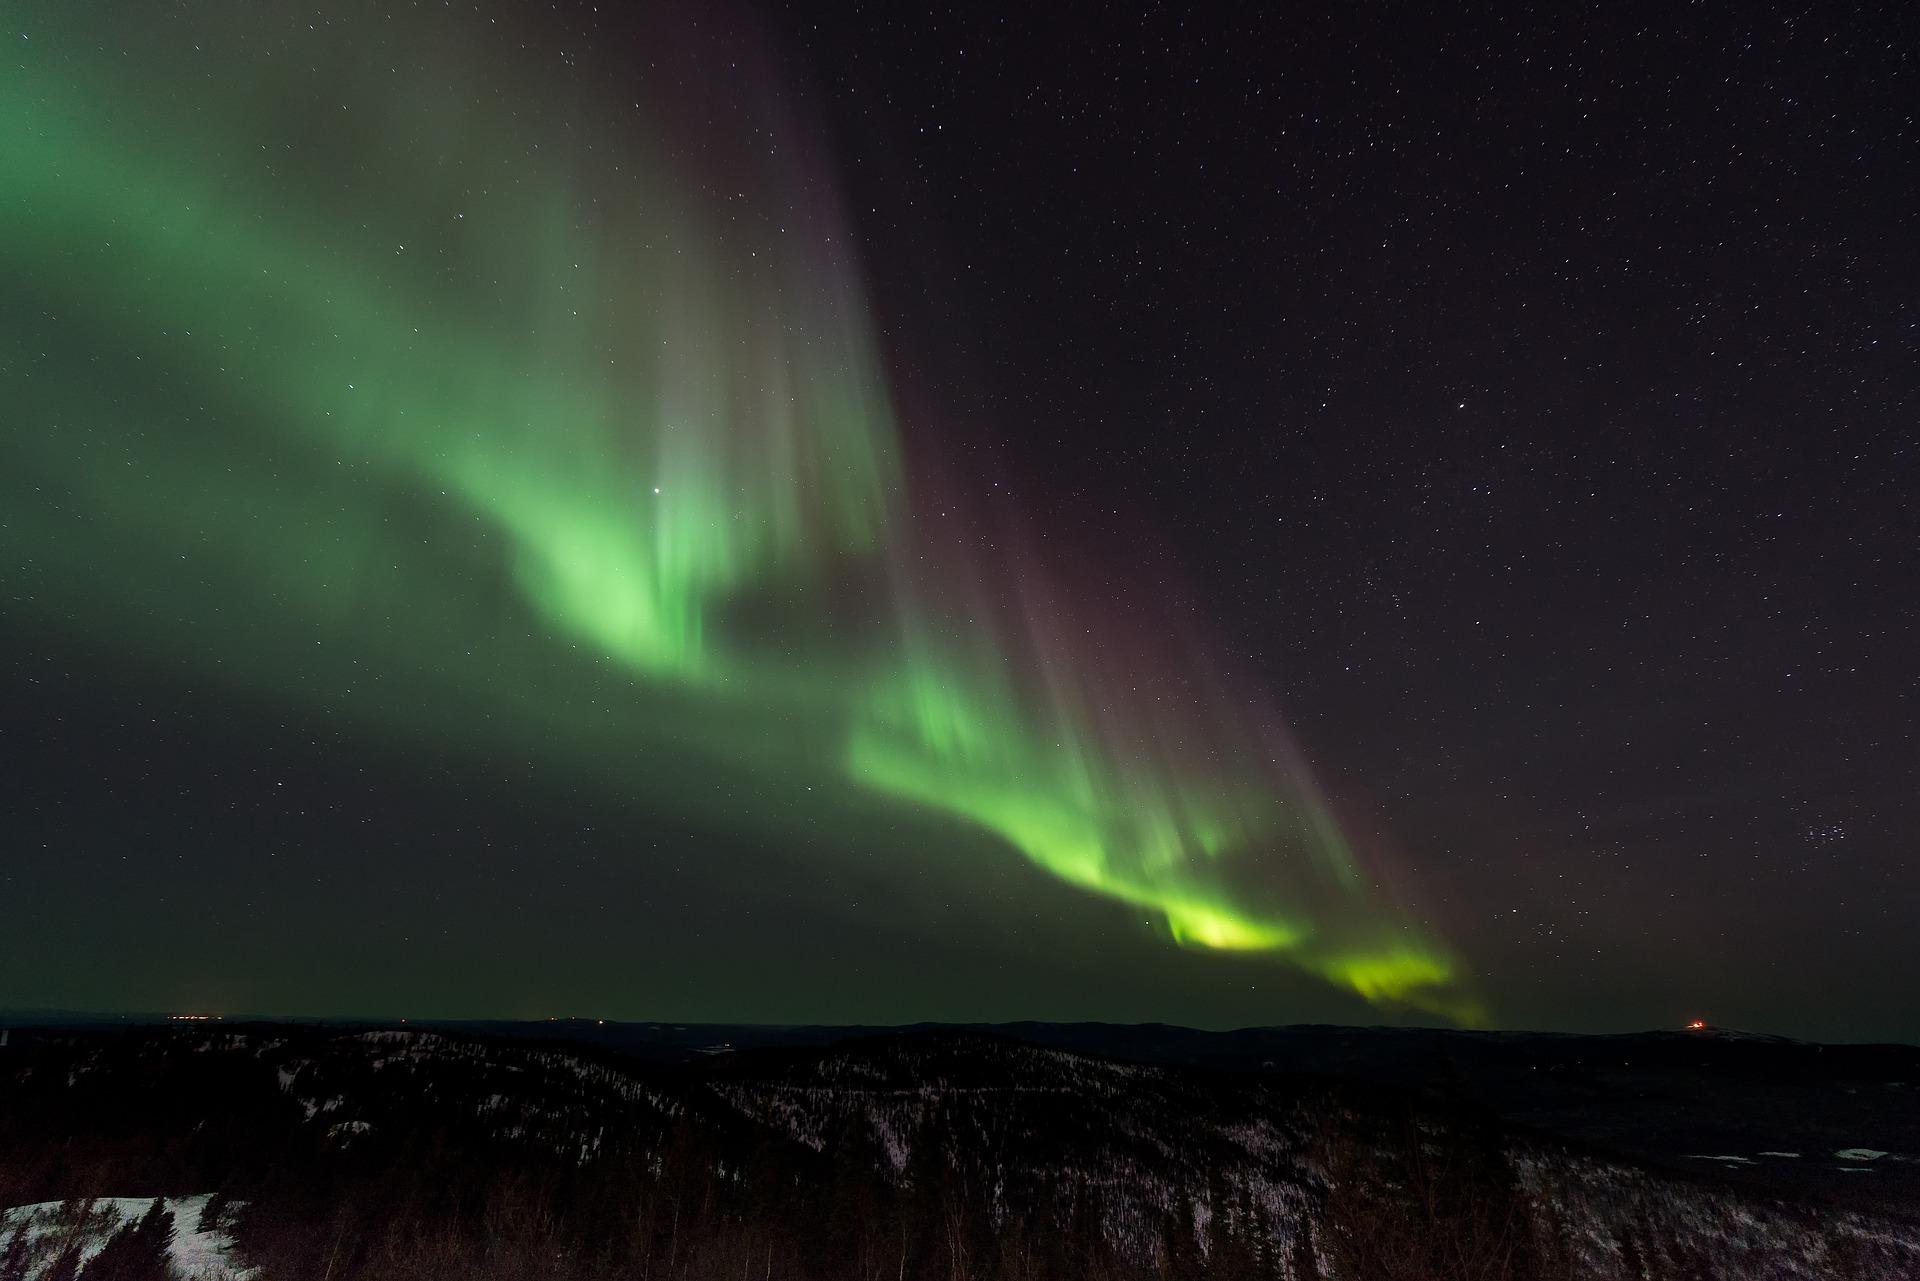 aurora-731456_1920.jpg